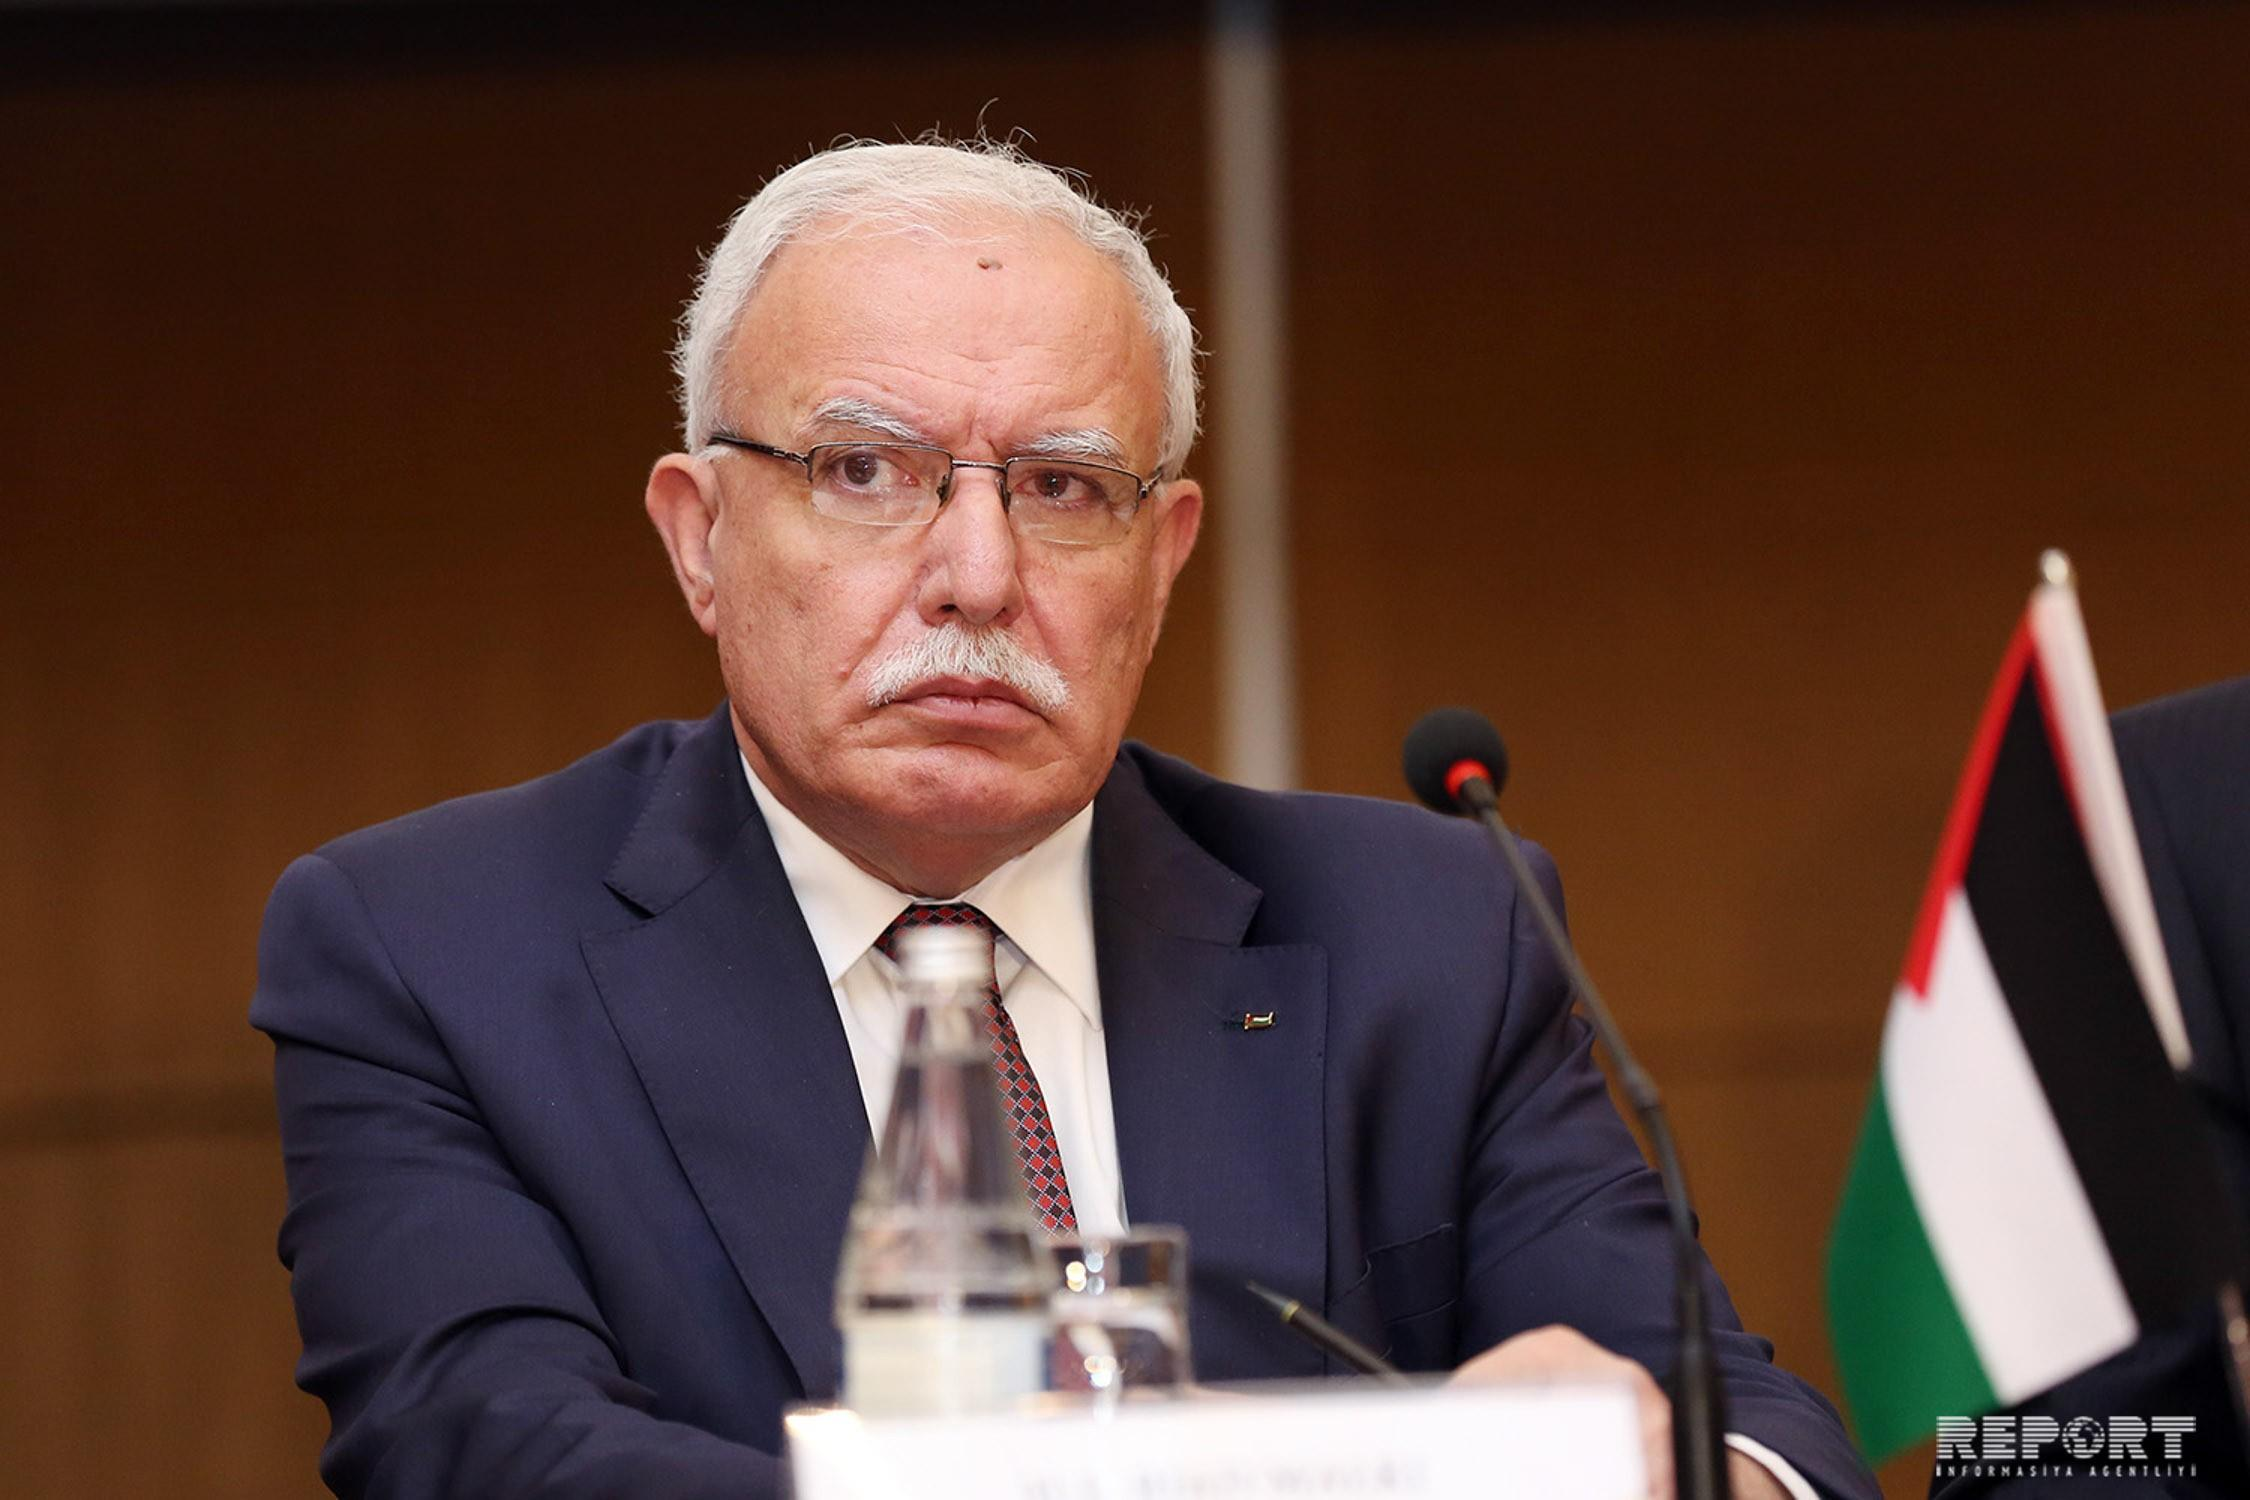 Глава МИД Палестины: Для нас очень важно, что Азербайджан поддерживает нас в вопросе Иерусалима